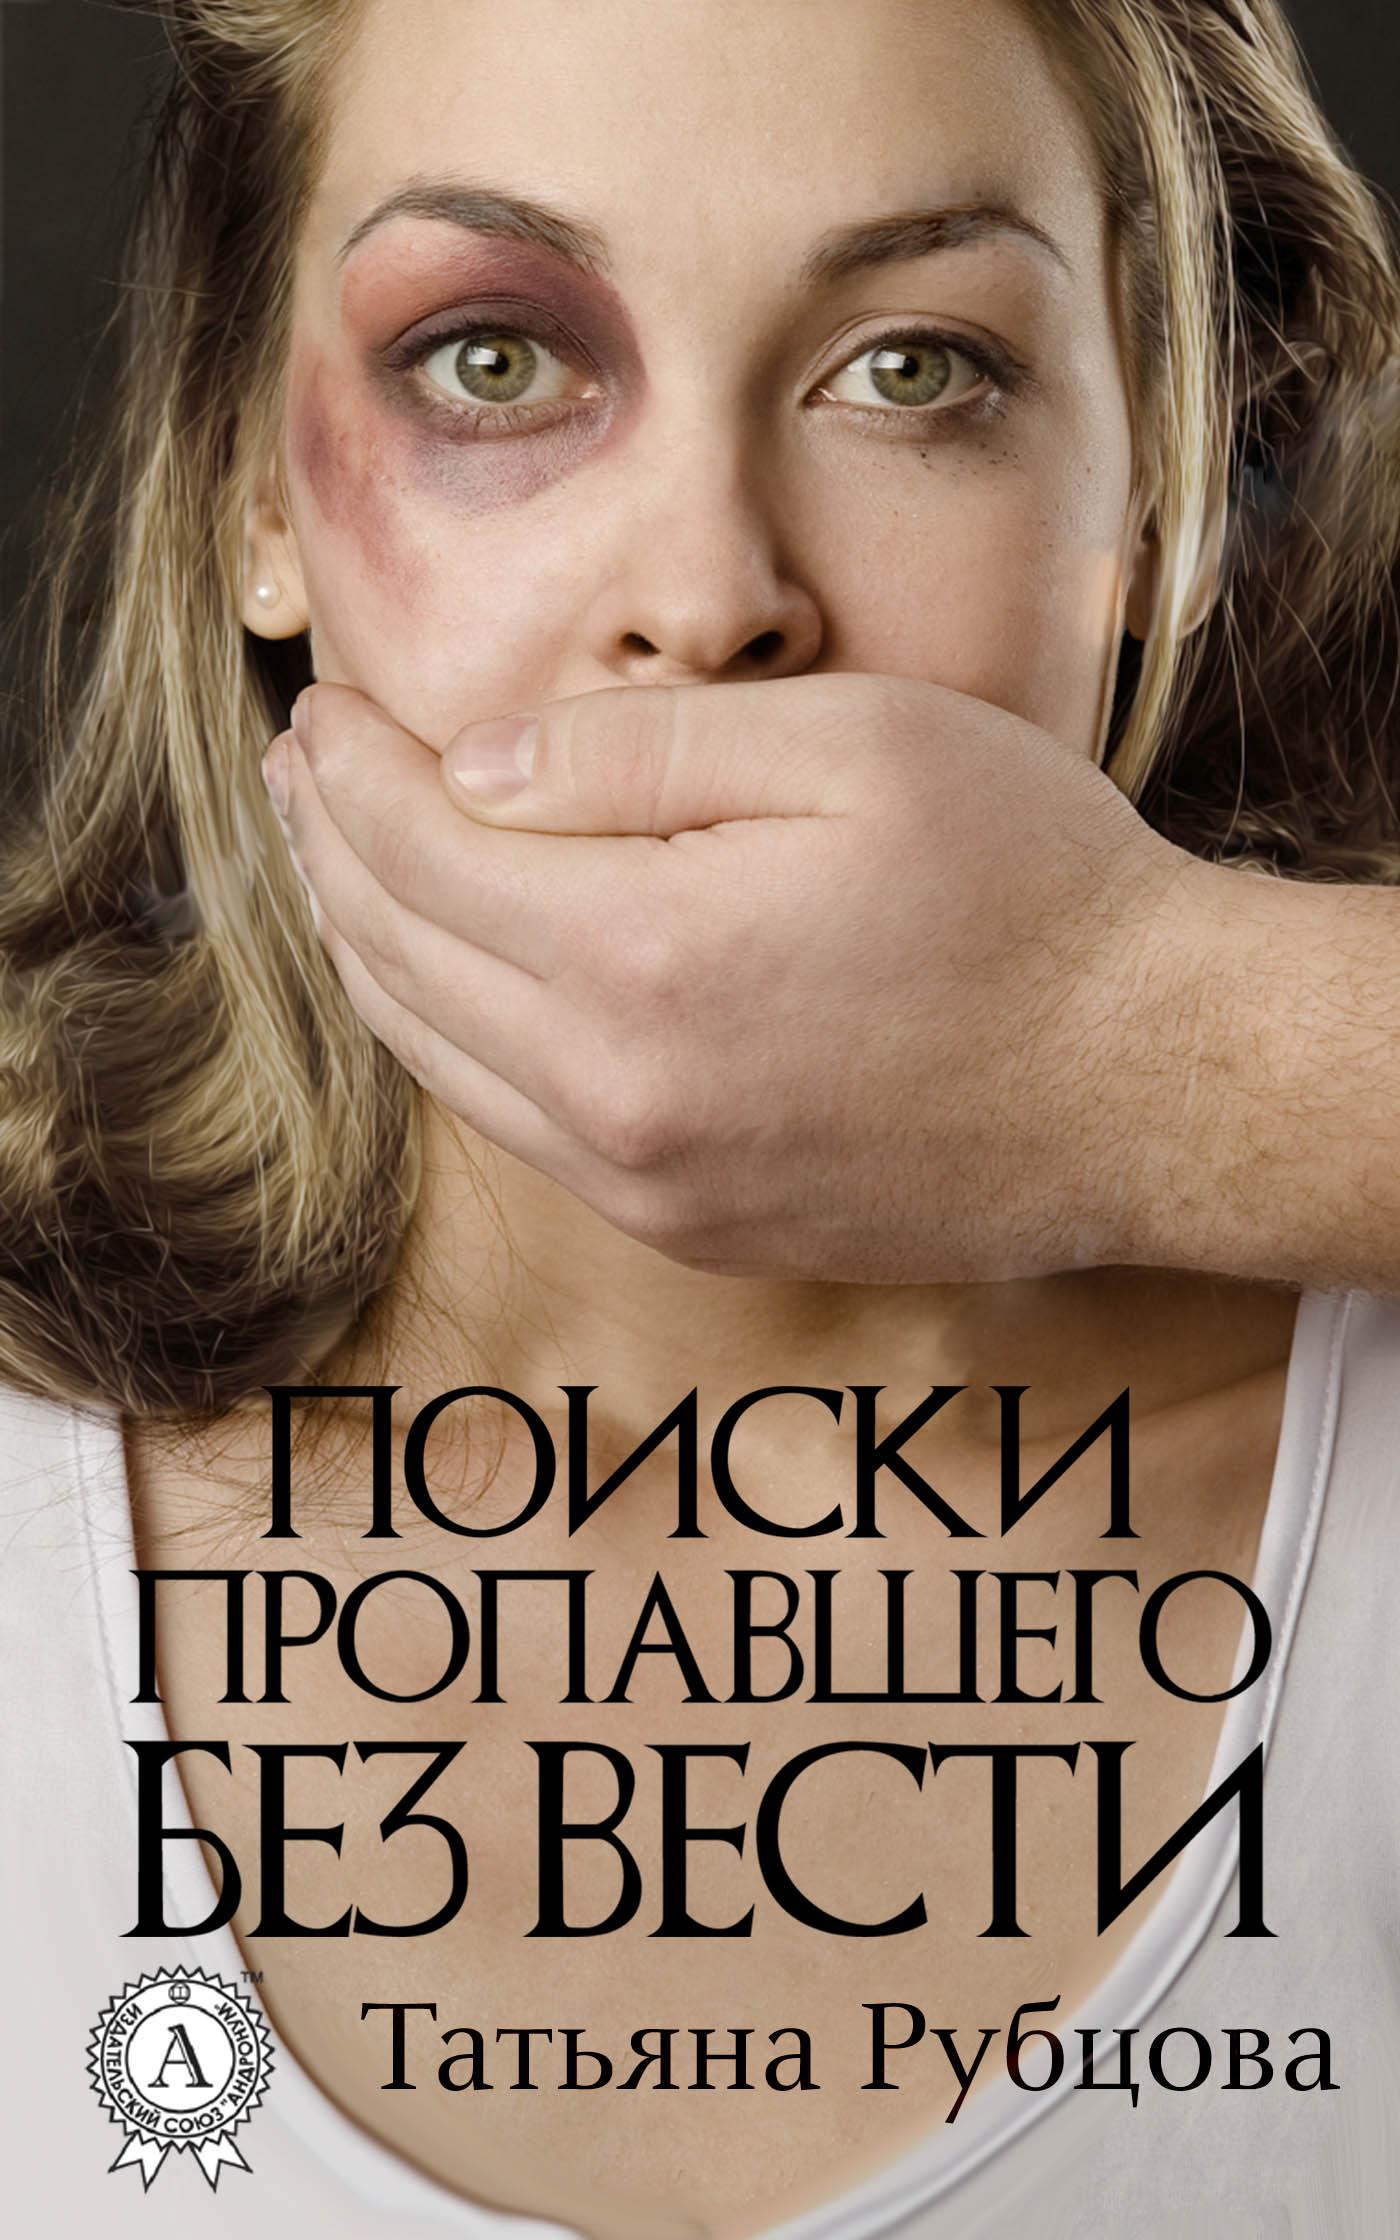 Татьяна Рубцова Поиски пропавшего без вести татьяна рубцова прикоснись к своей душе